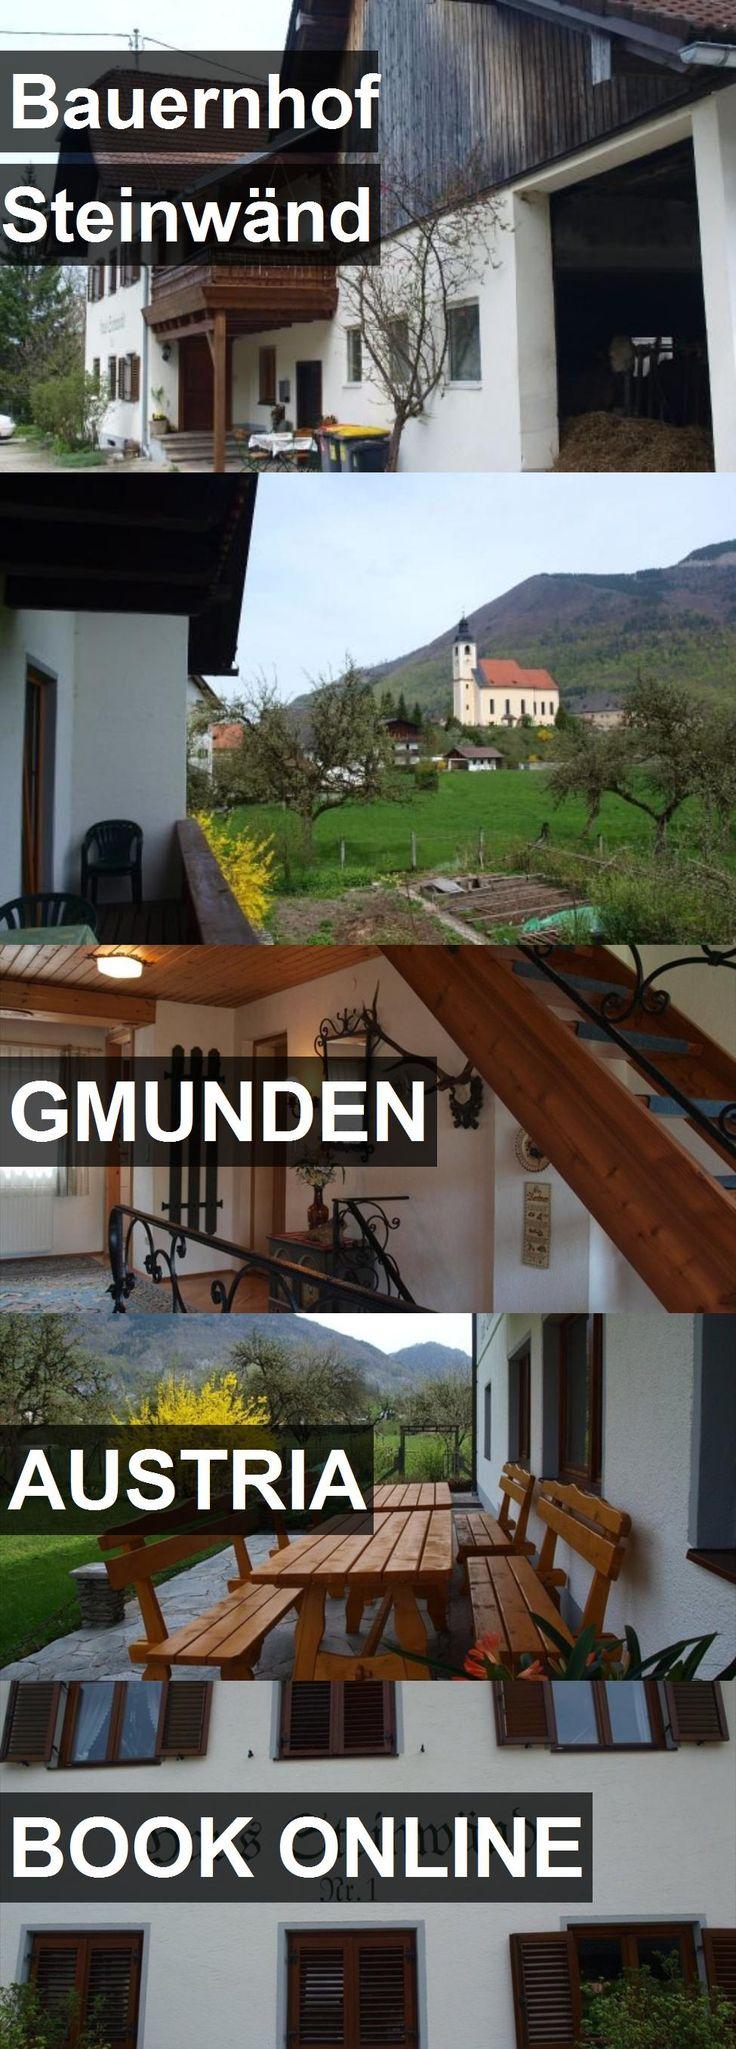 Hotel Bauernhof Steinwänd in Gmunden, Austria. For more information, photos, reviews and best prices please follow the link. #Austria #Gmunden #travel #vacation #hotel